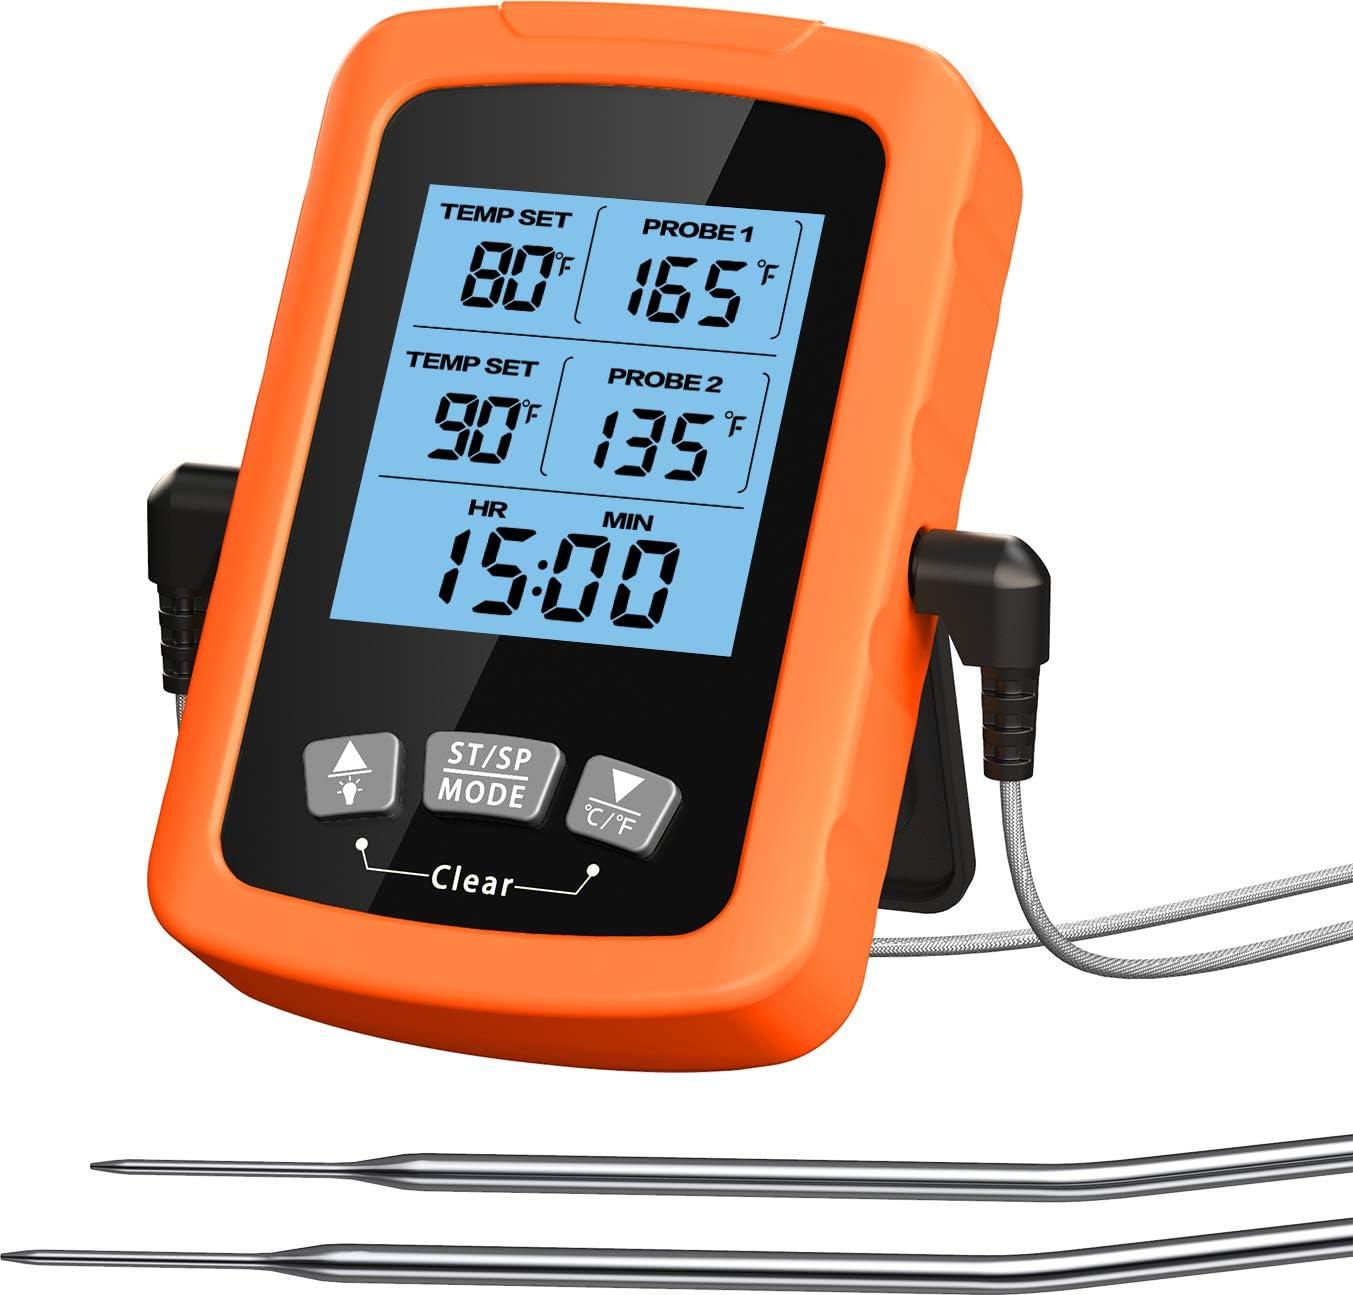 Cocoda Termometro Cocina, Termómetro Digital de Cocina Impermeable con Doble Sonda de 6.4